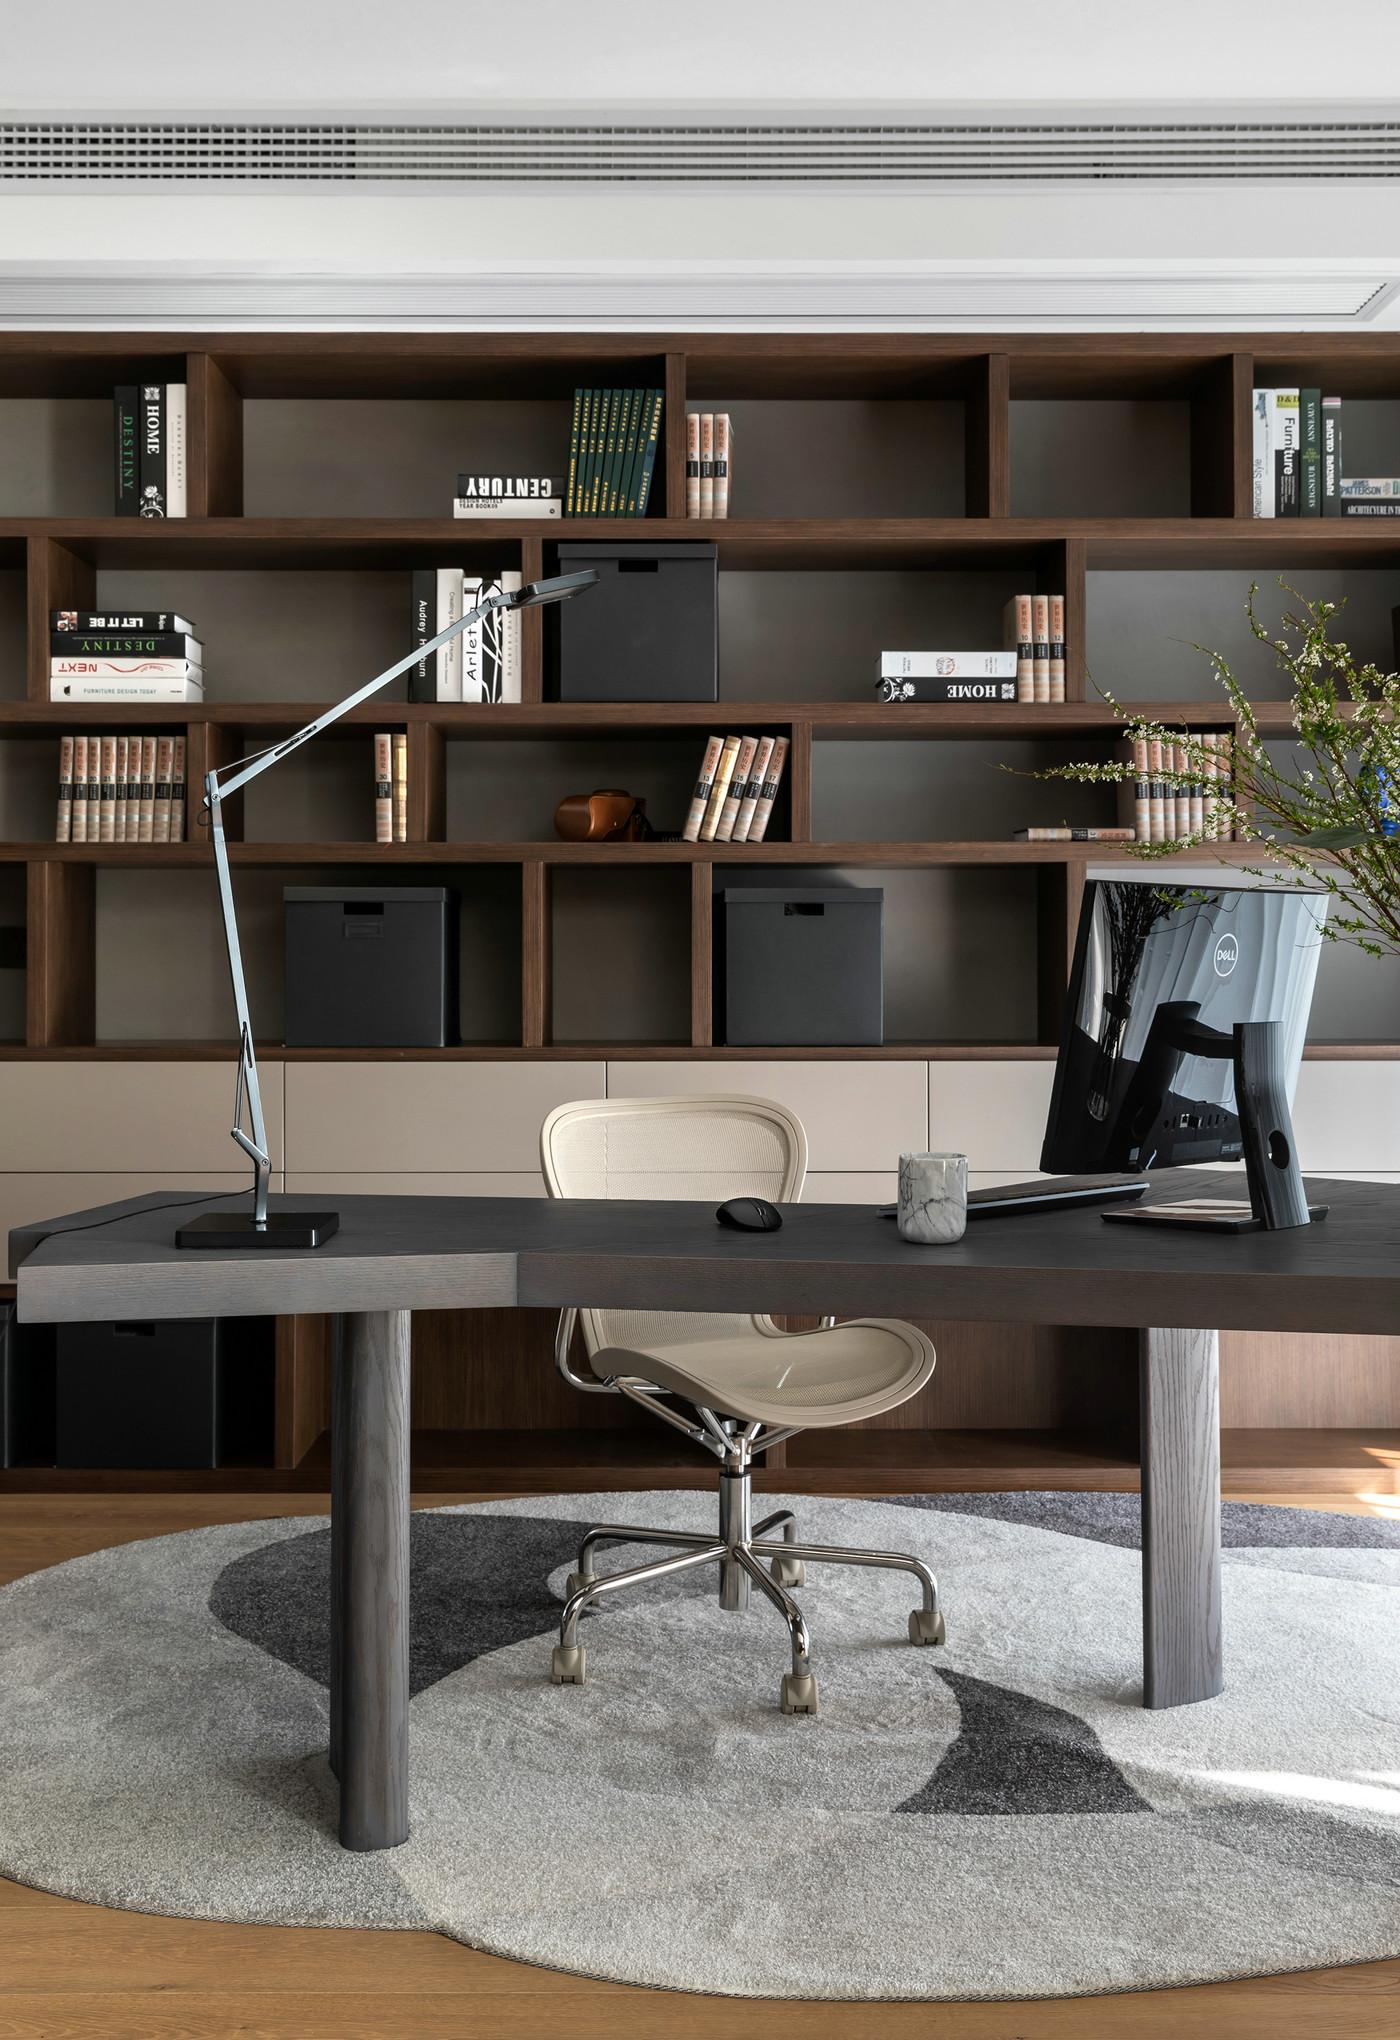 书房采光温润,书柜空间错落有致,强调一种书香典雅而又宁静的空间氛围感。